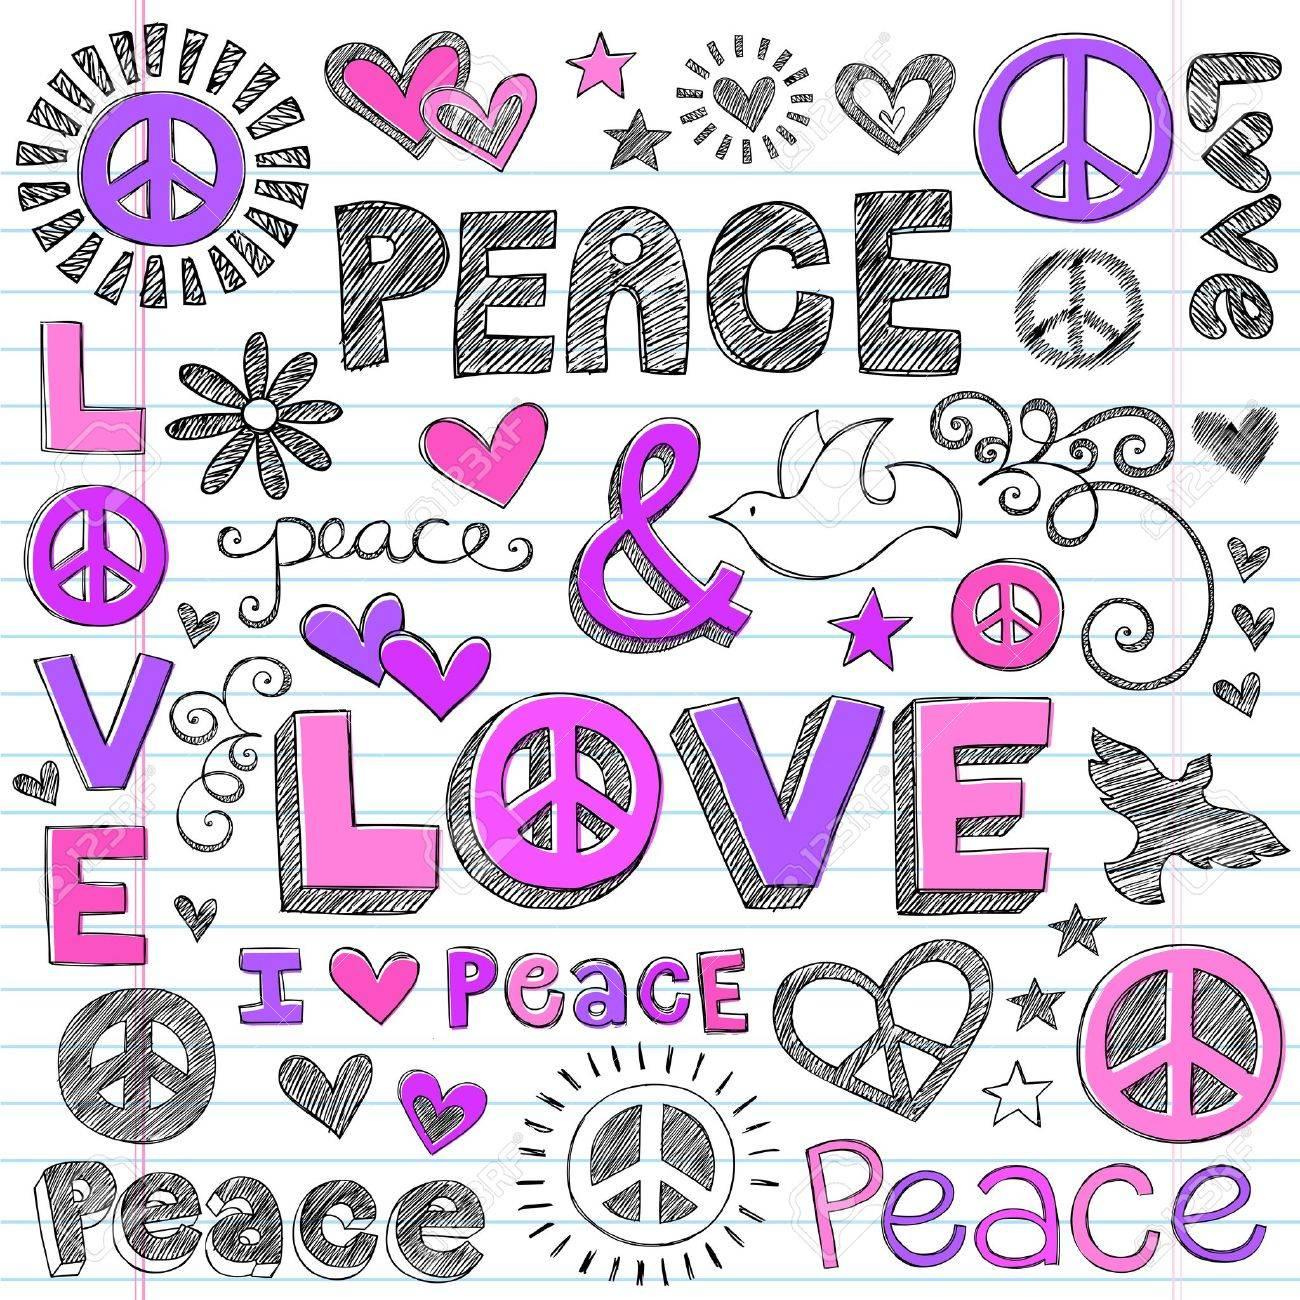 Peace & Love Sketchy Notebook Doodles Design Elements on Lined Sketchbook Paper Background- Vector Illustration Stock Vector - 14481547